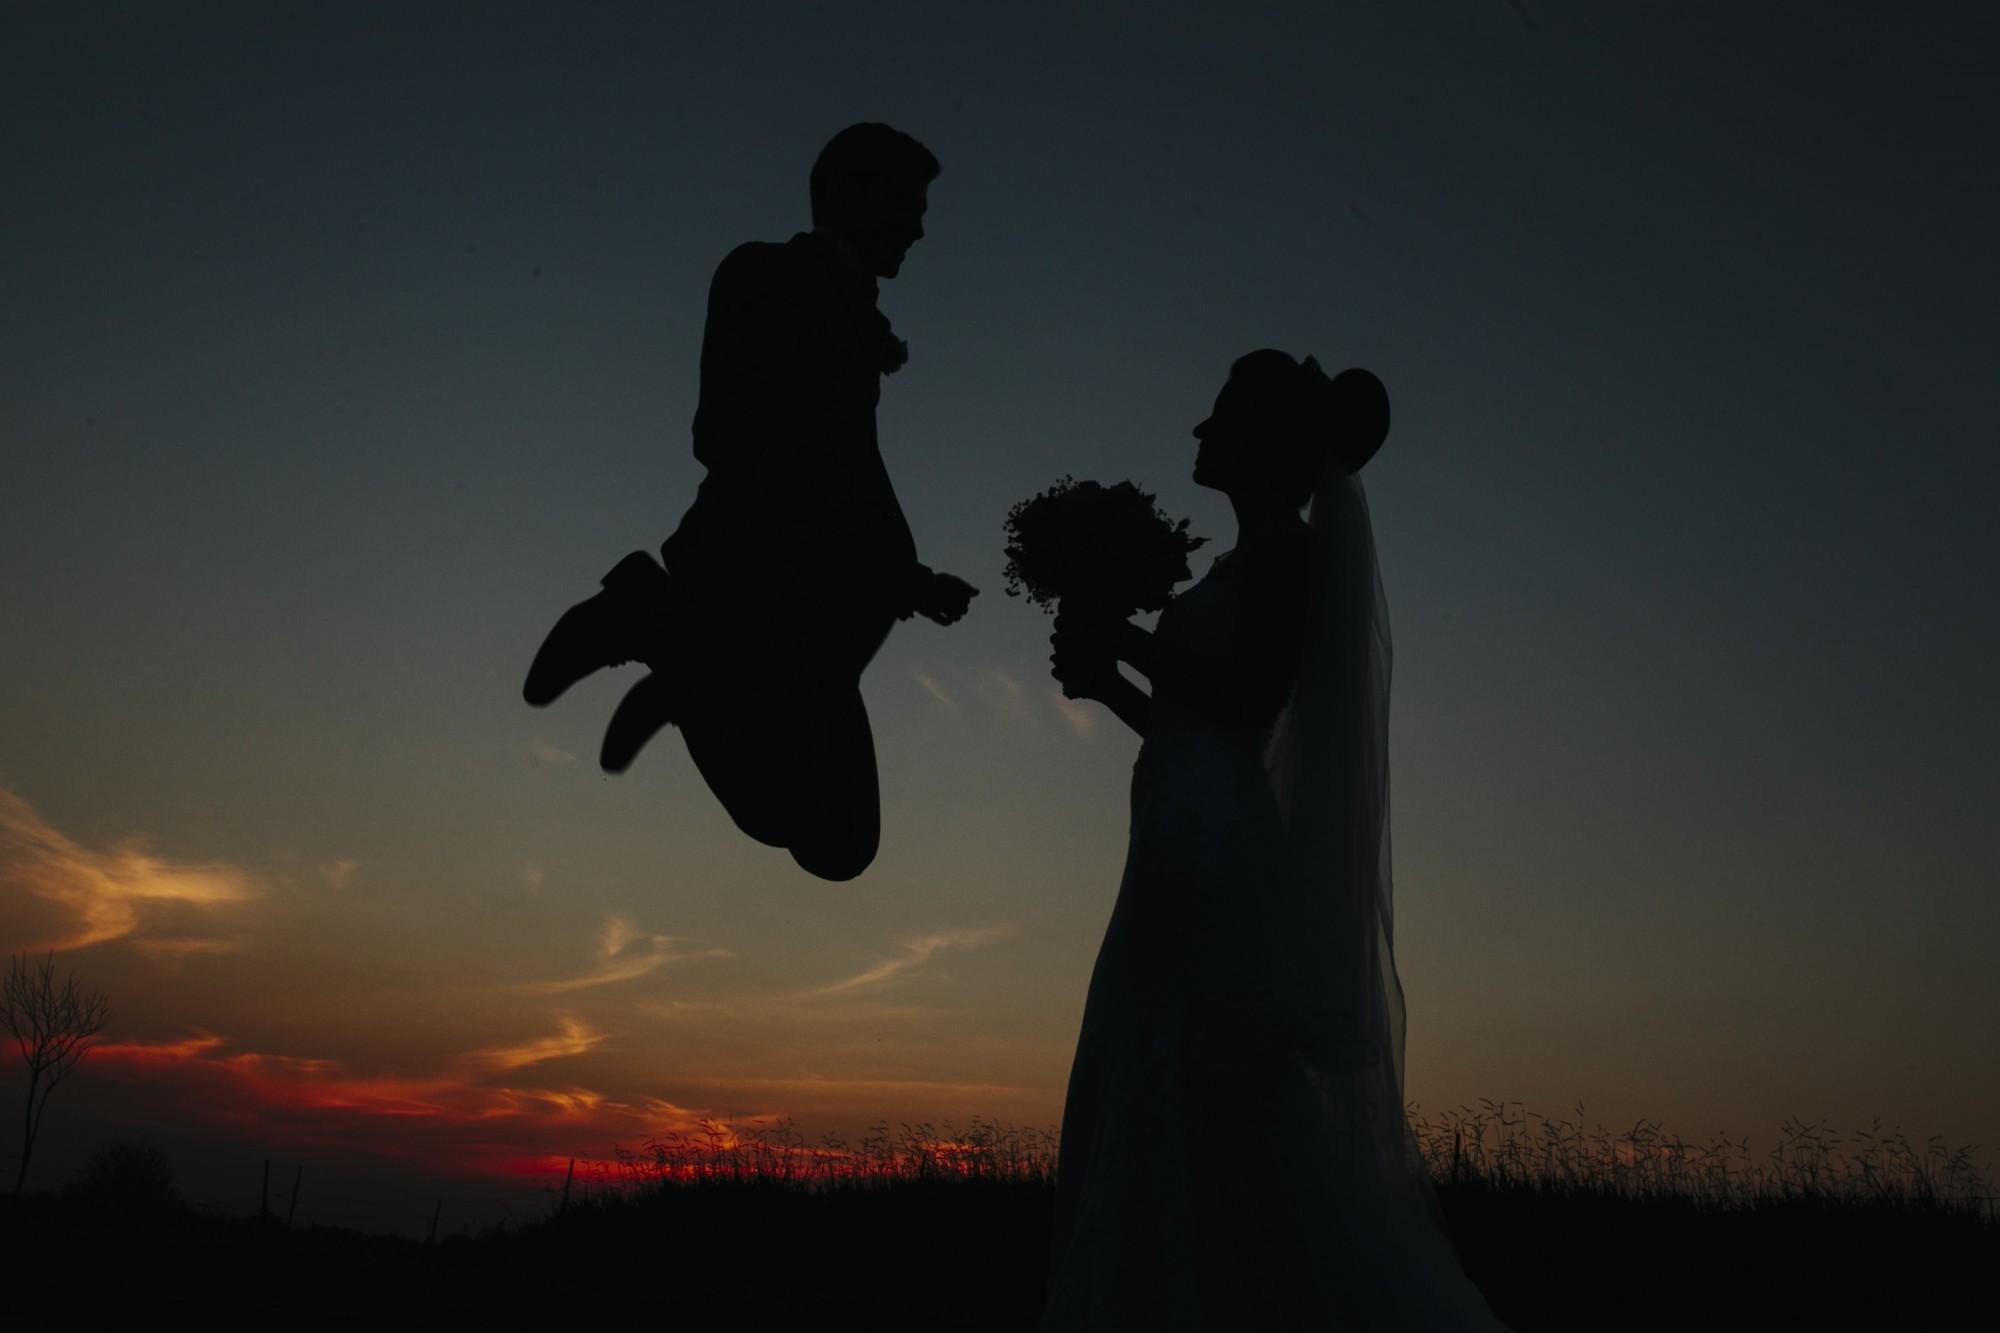 Casamento Camila Rampim e Rafael em Terra Roxa - Paraná - por Lorran Souza e Léia Sotile - fotografos de casamentos - 47